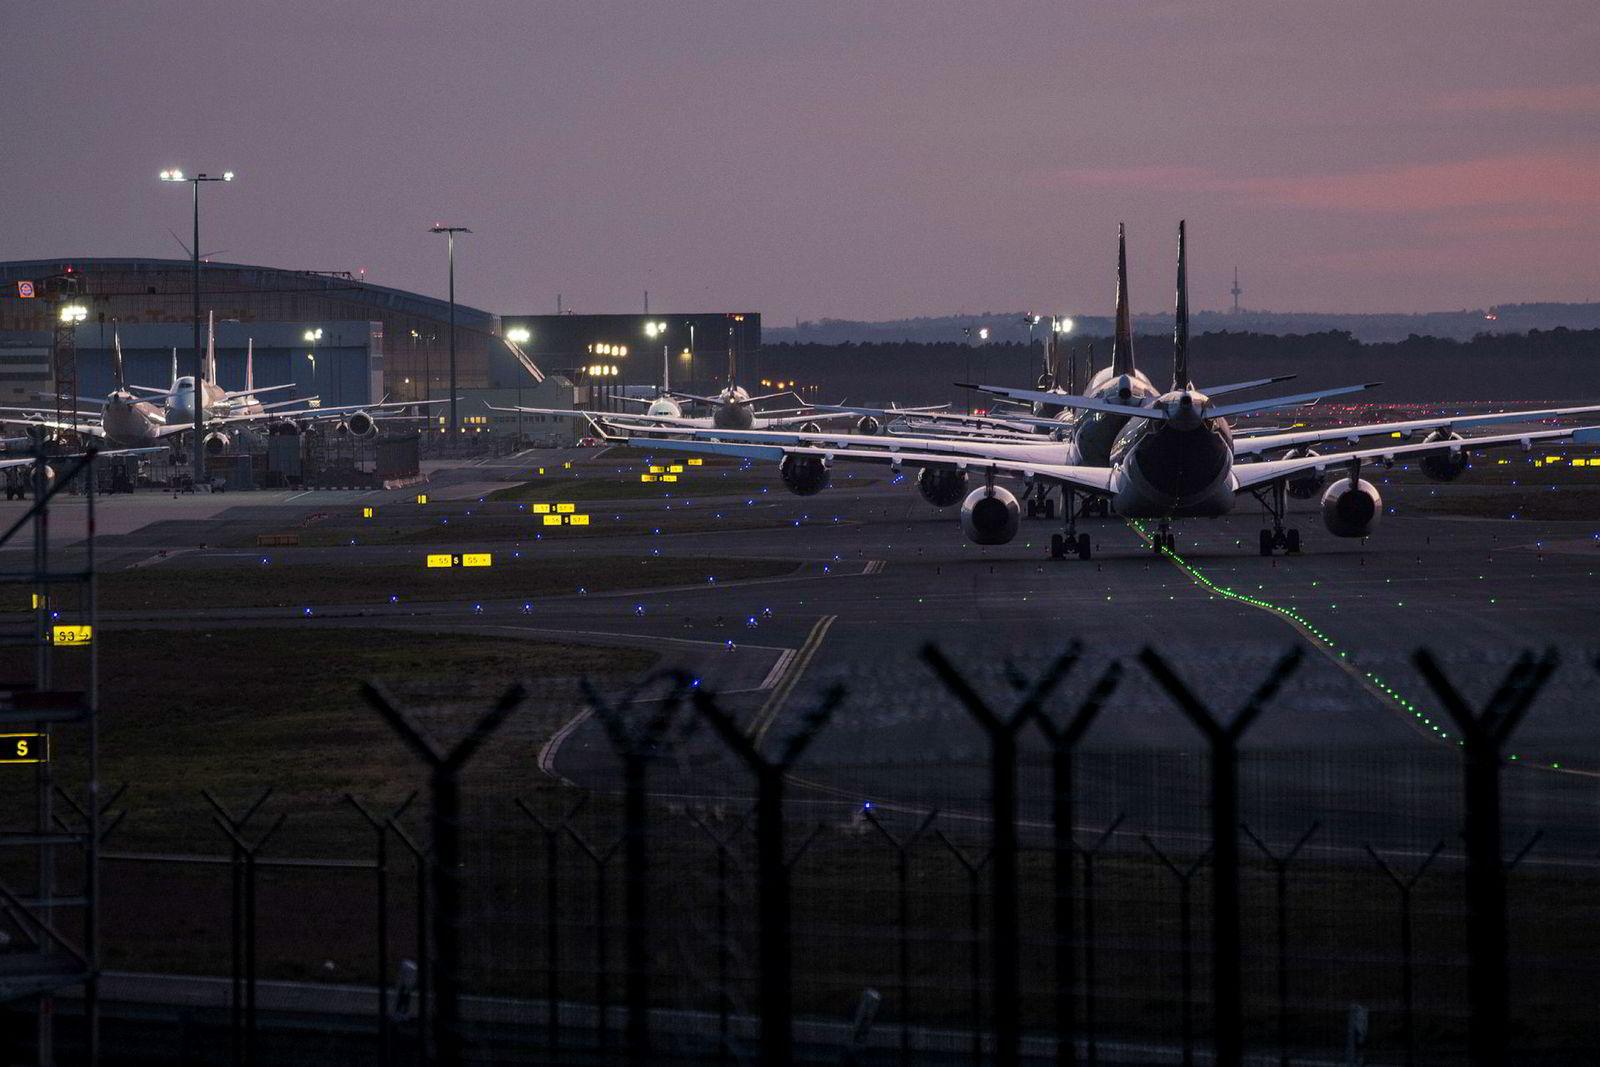 Passasjerfly fra Lufthansa er stilt opp på rekke og rad på Frankfurt lufthavn. Flyselskapene blir berørt av reiseforbud og avbestillinger relatert til spredning av koronaviruset.